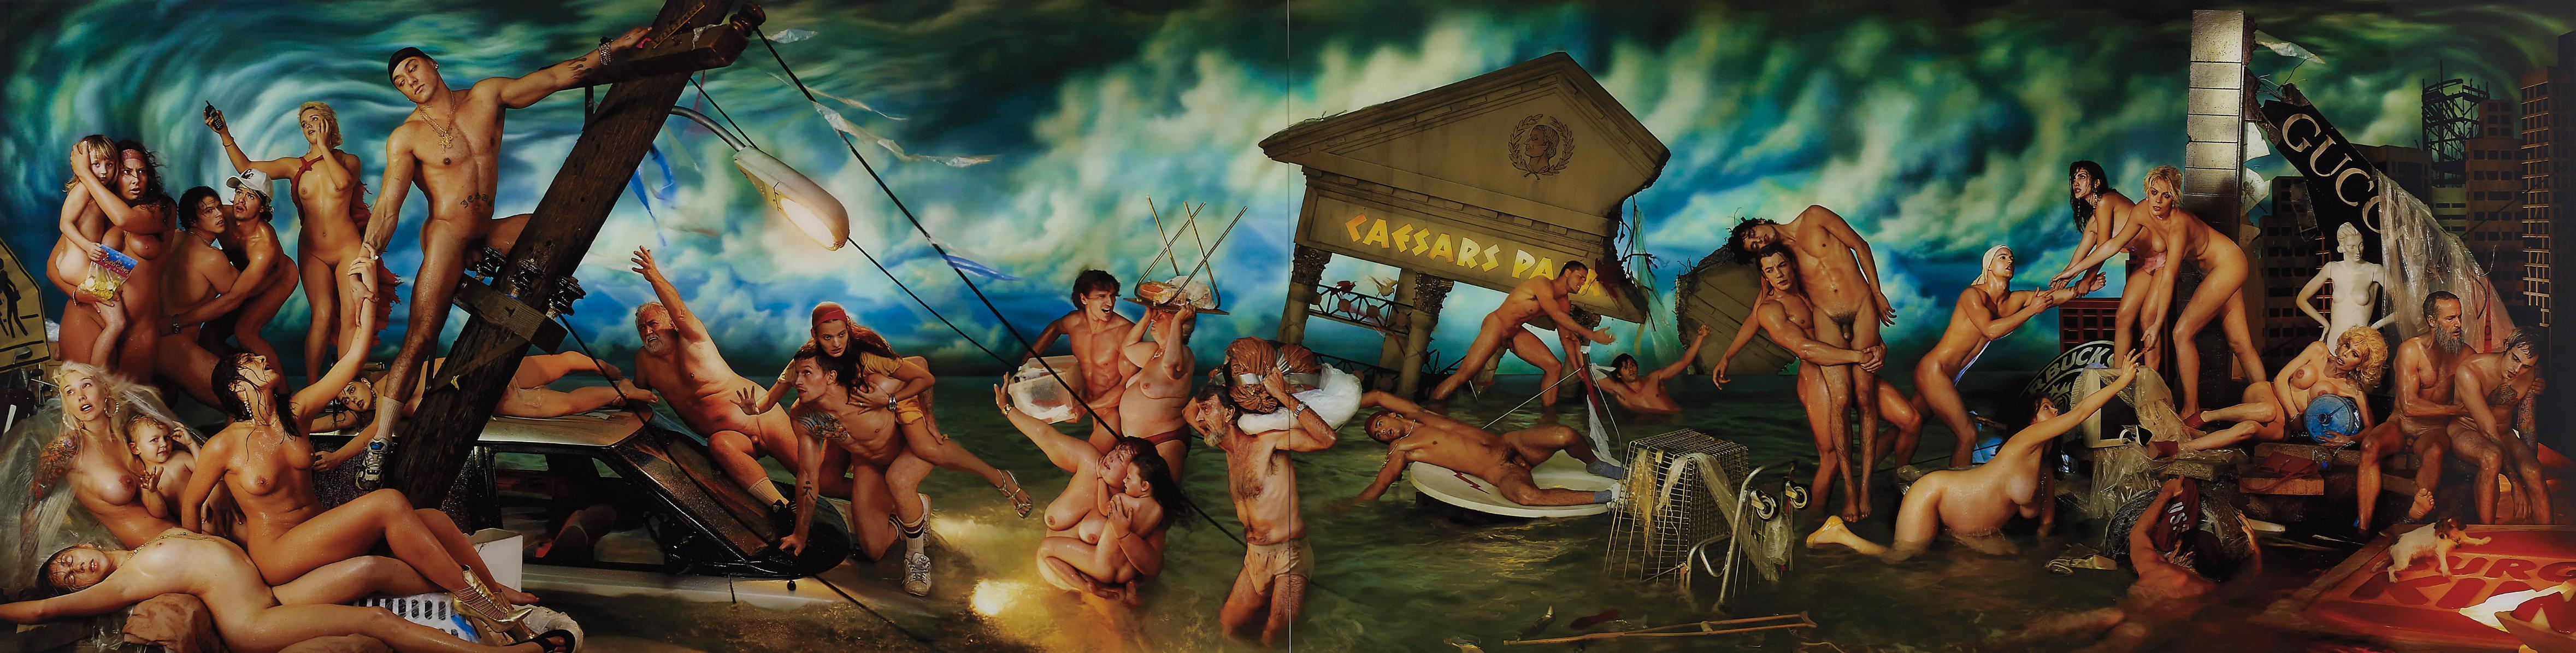 David LaChapelle-Deluge-2006